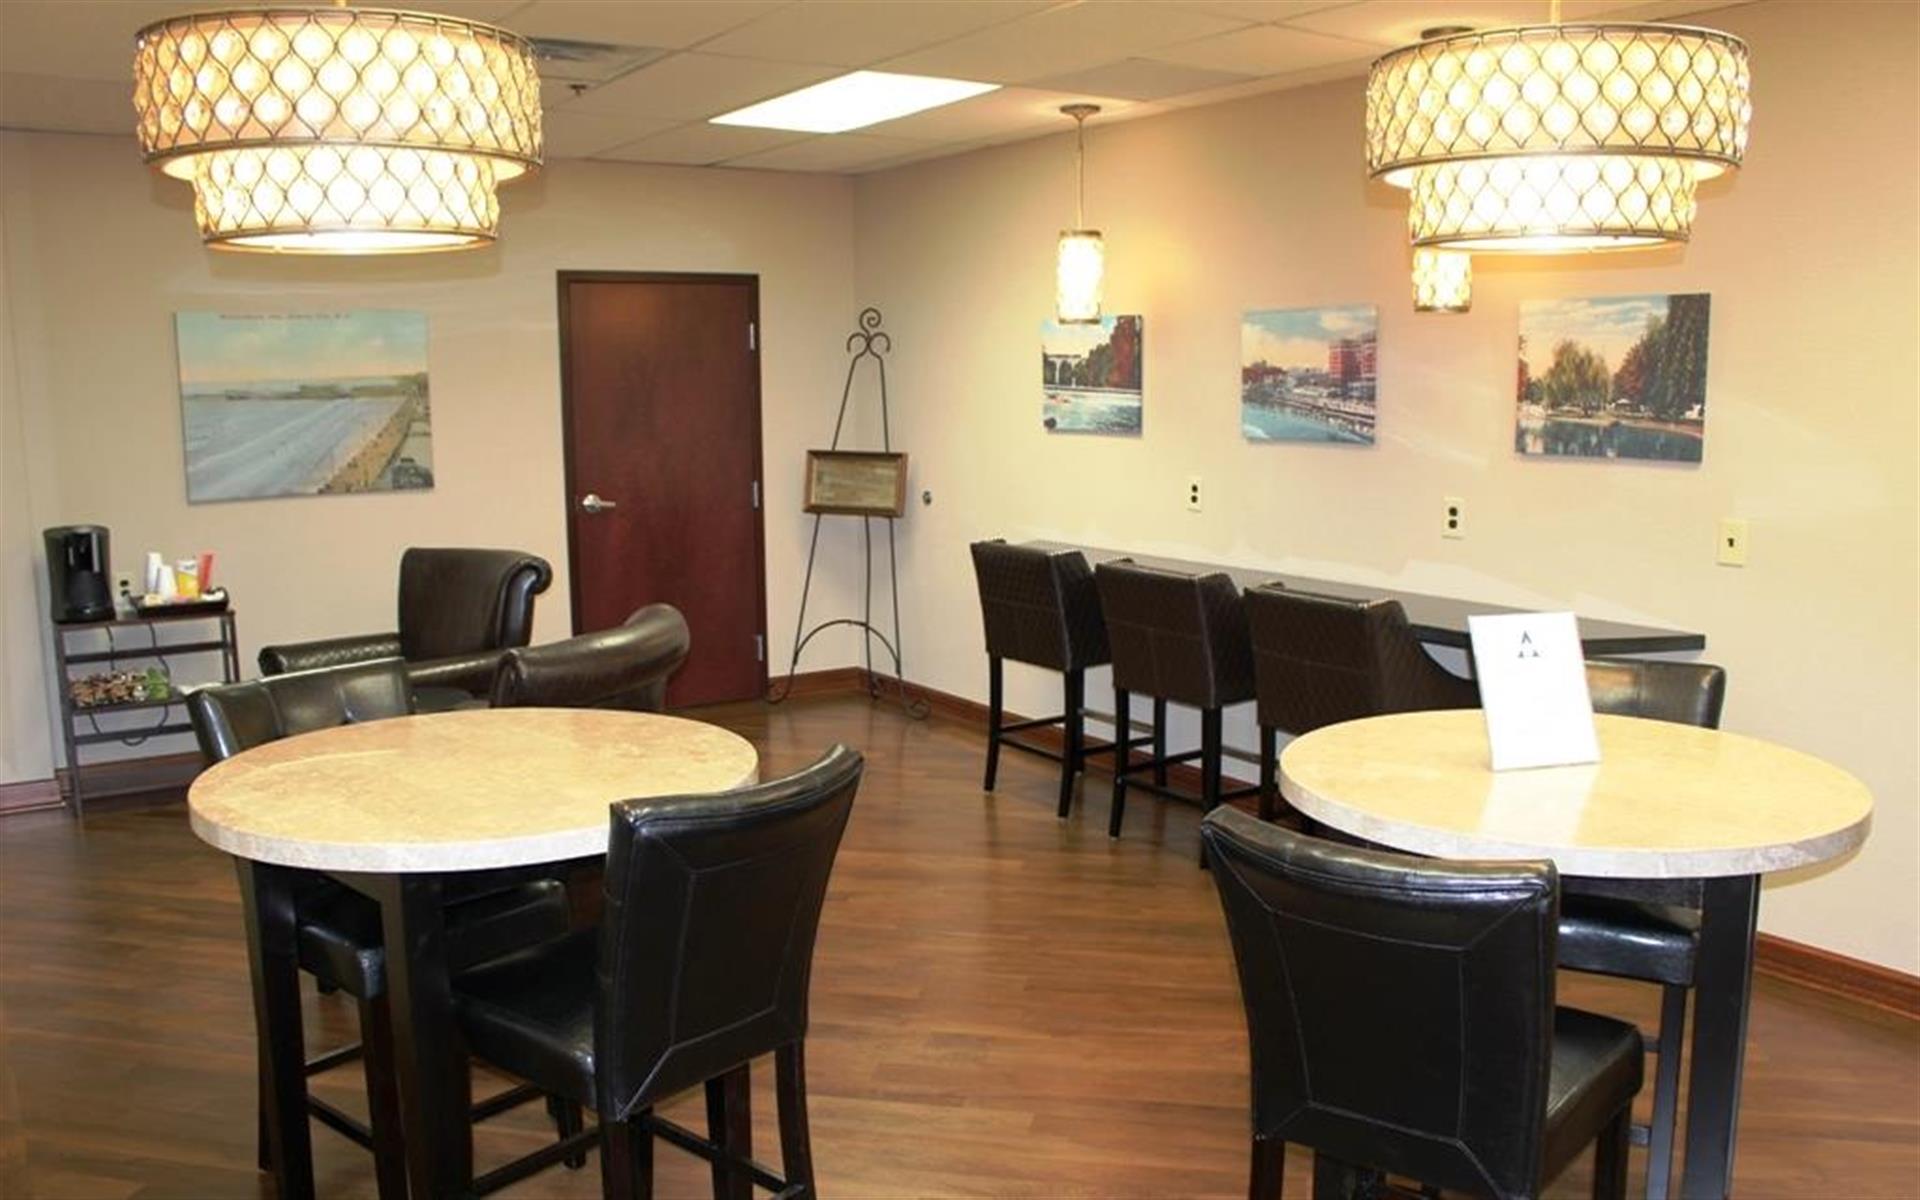 Atrium Executive Center, Mt. Laurel, NJ - Co-work in the lounge